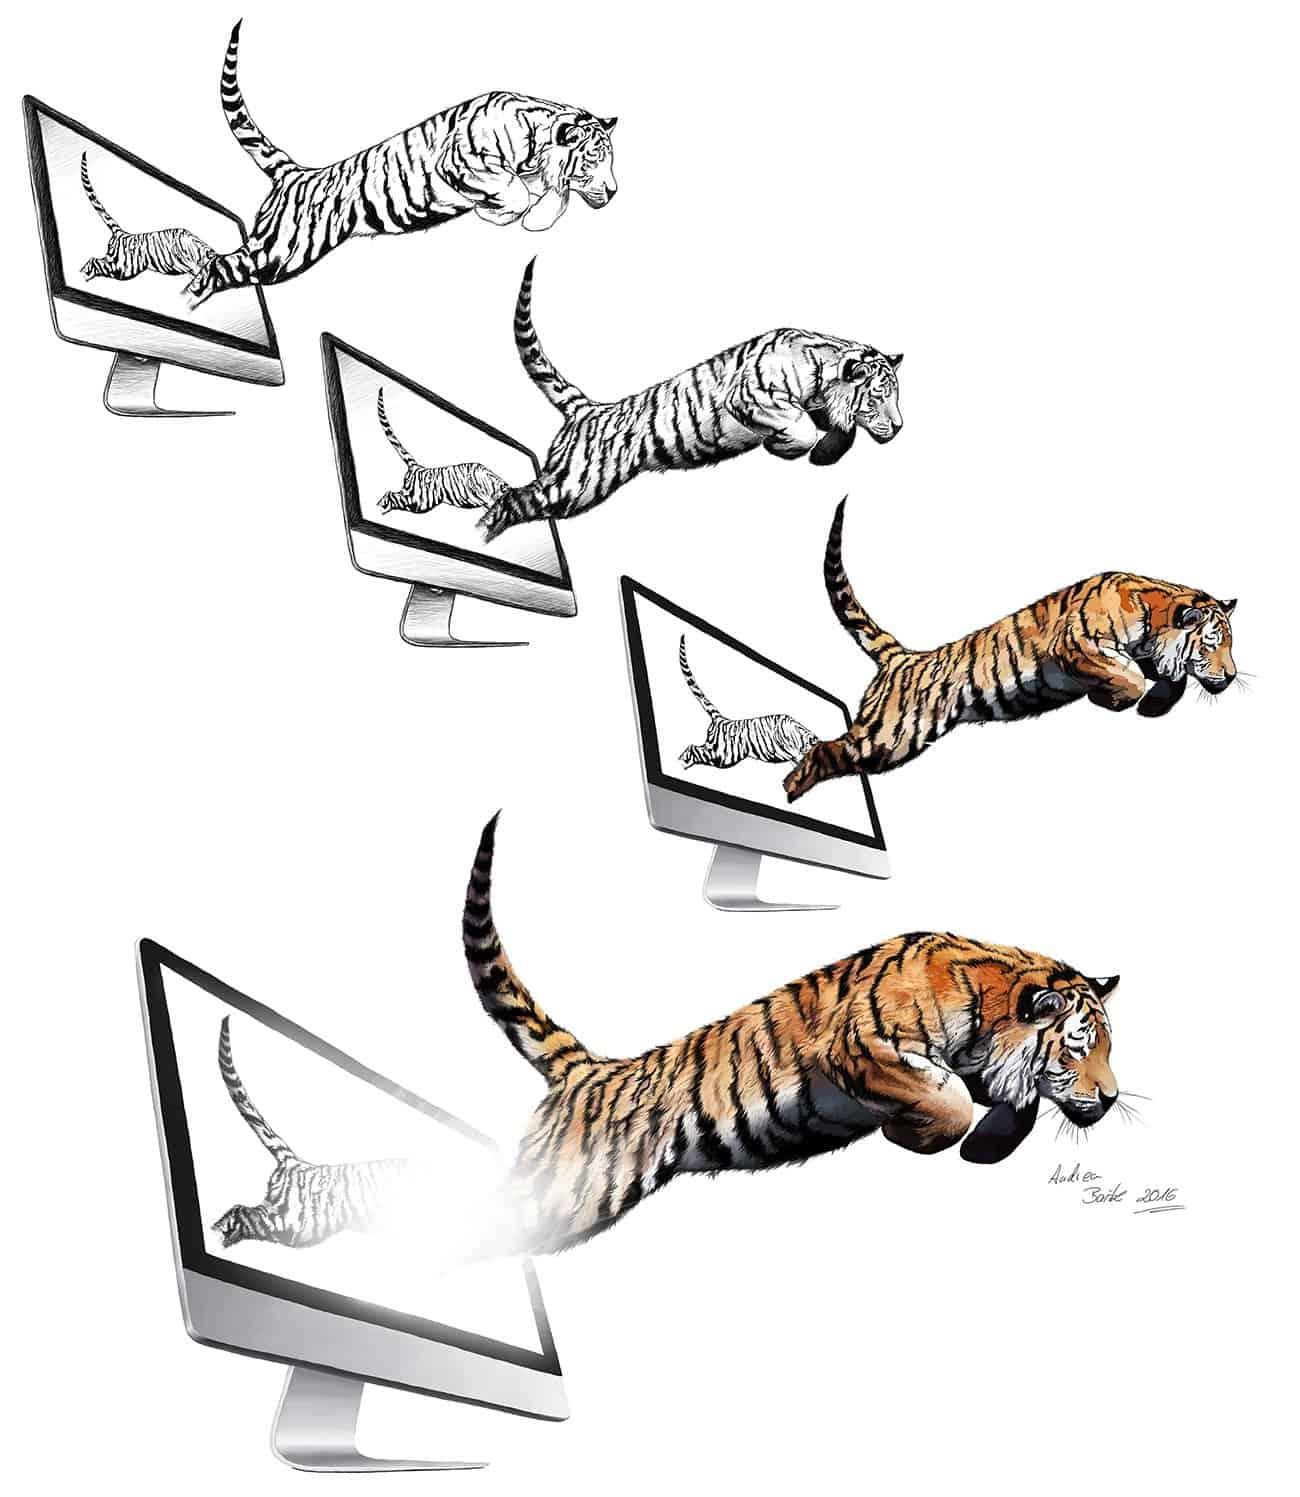 Die Entstehung des springenden Tigers - Illustration